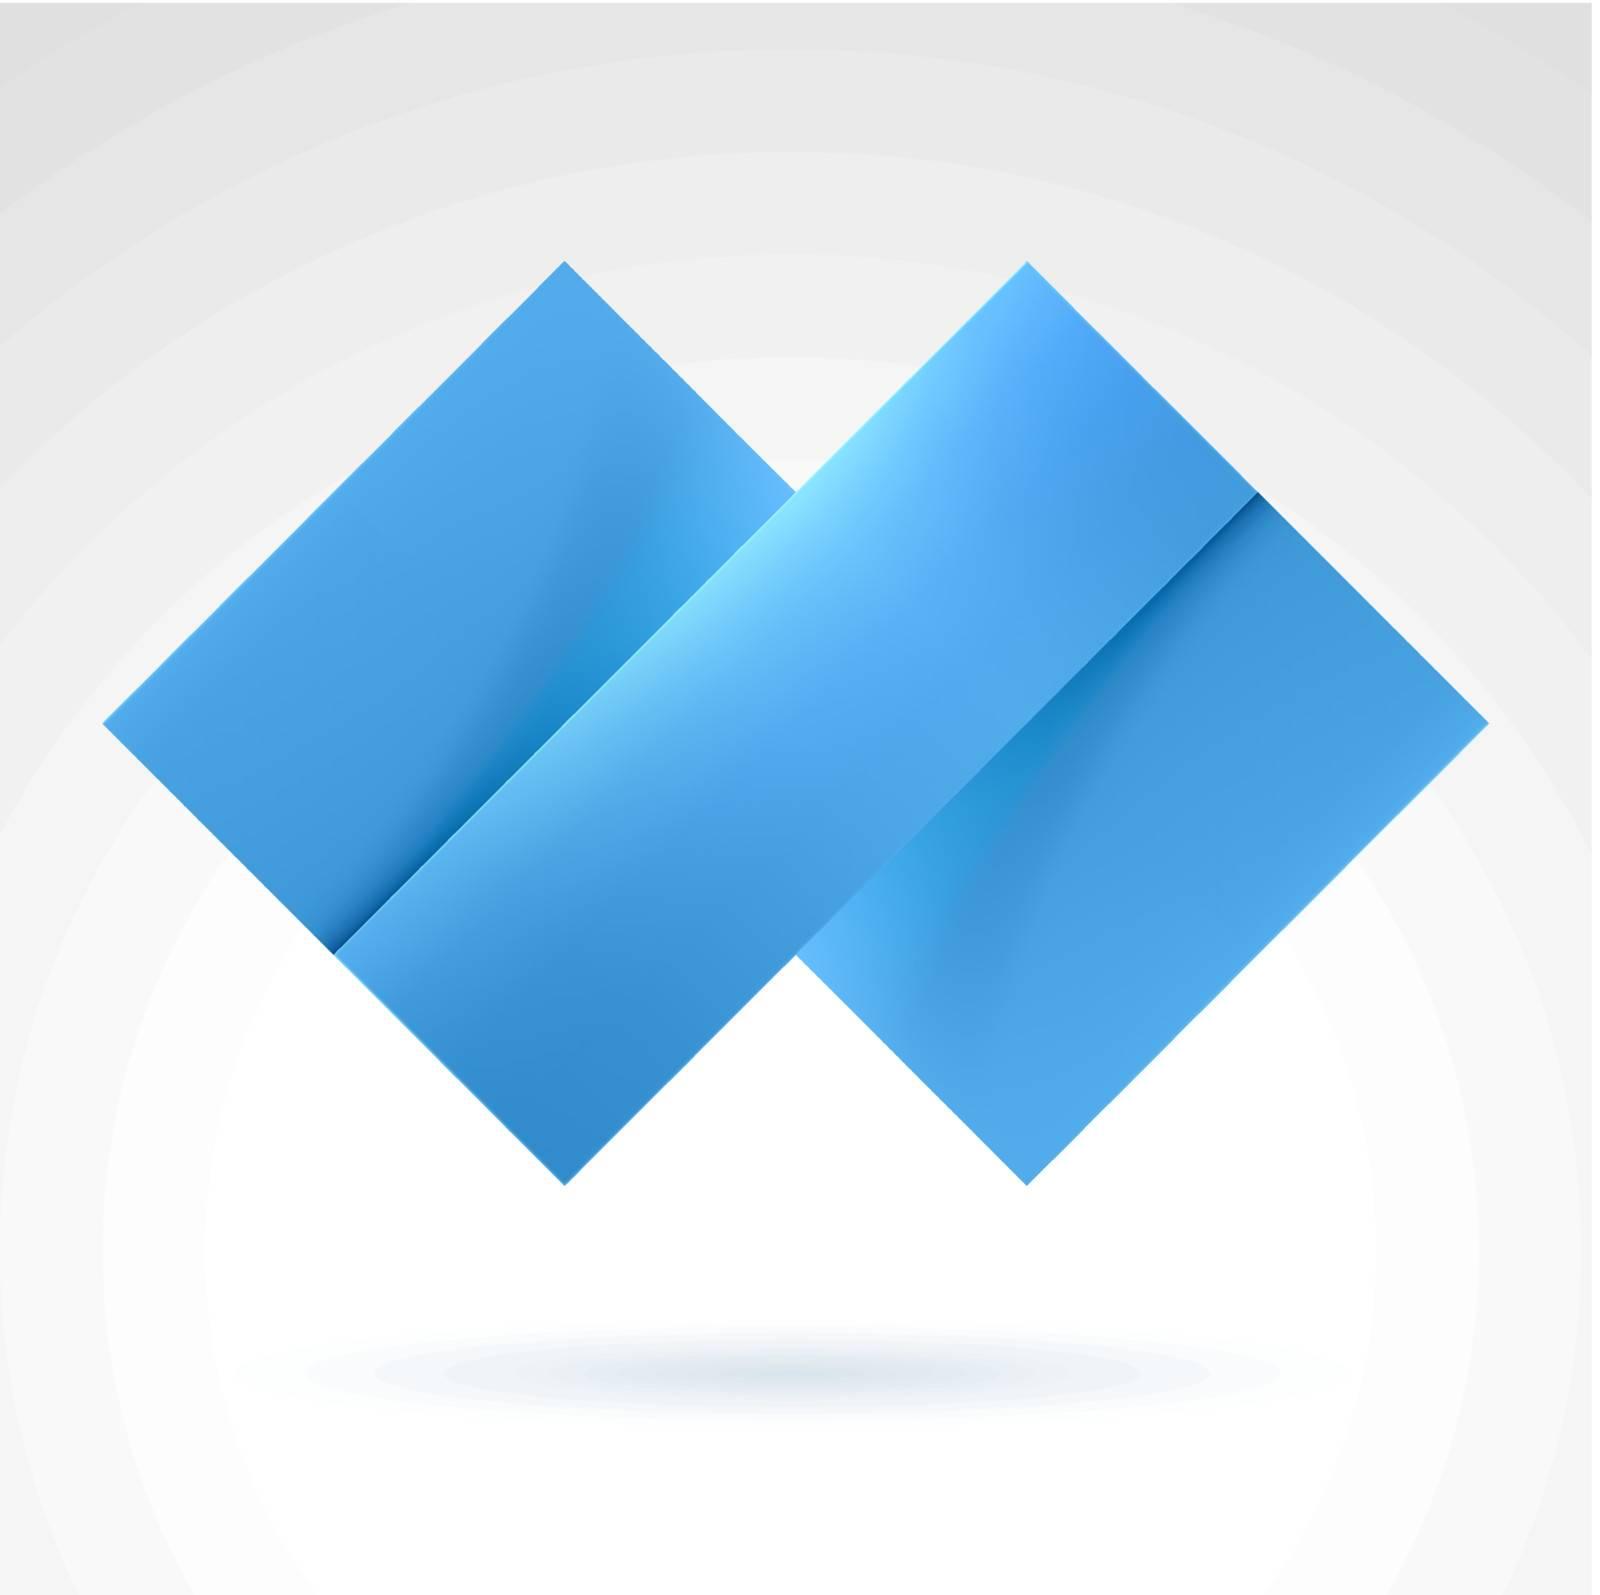 Abstract Blue Tile. Illustration on white for design